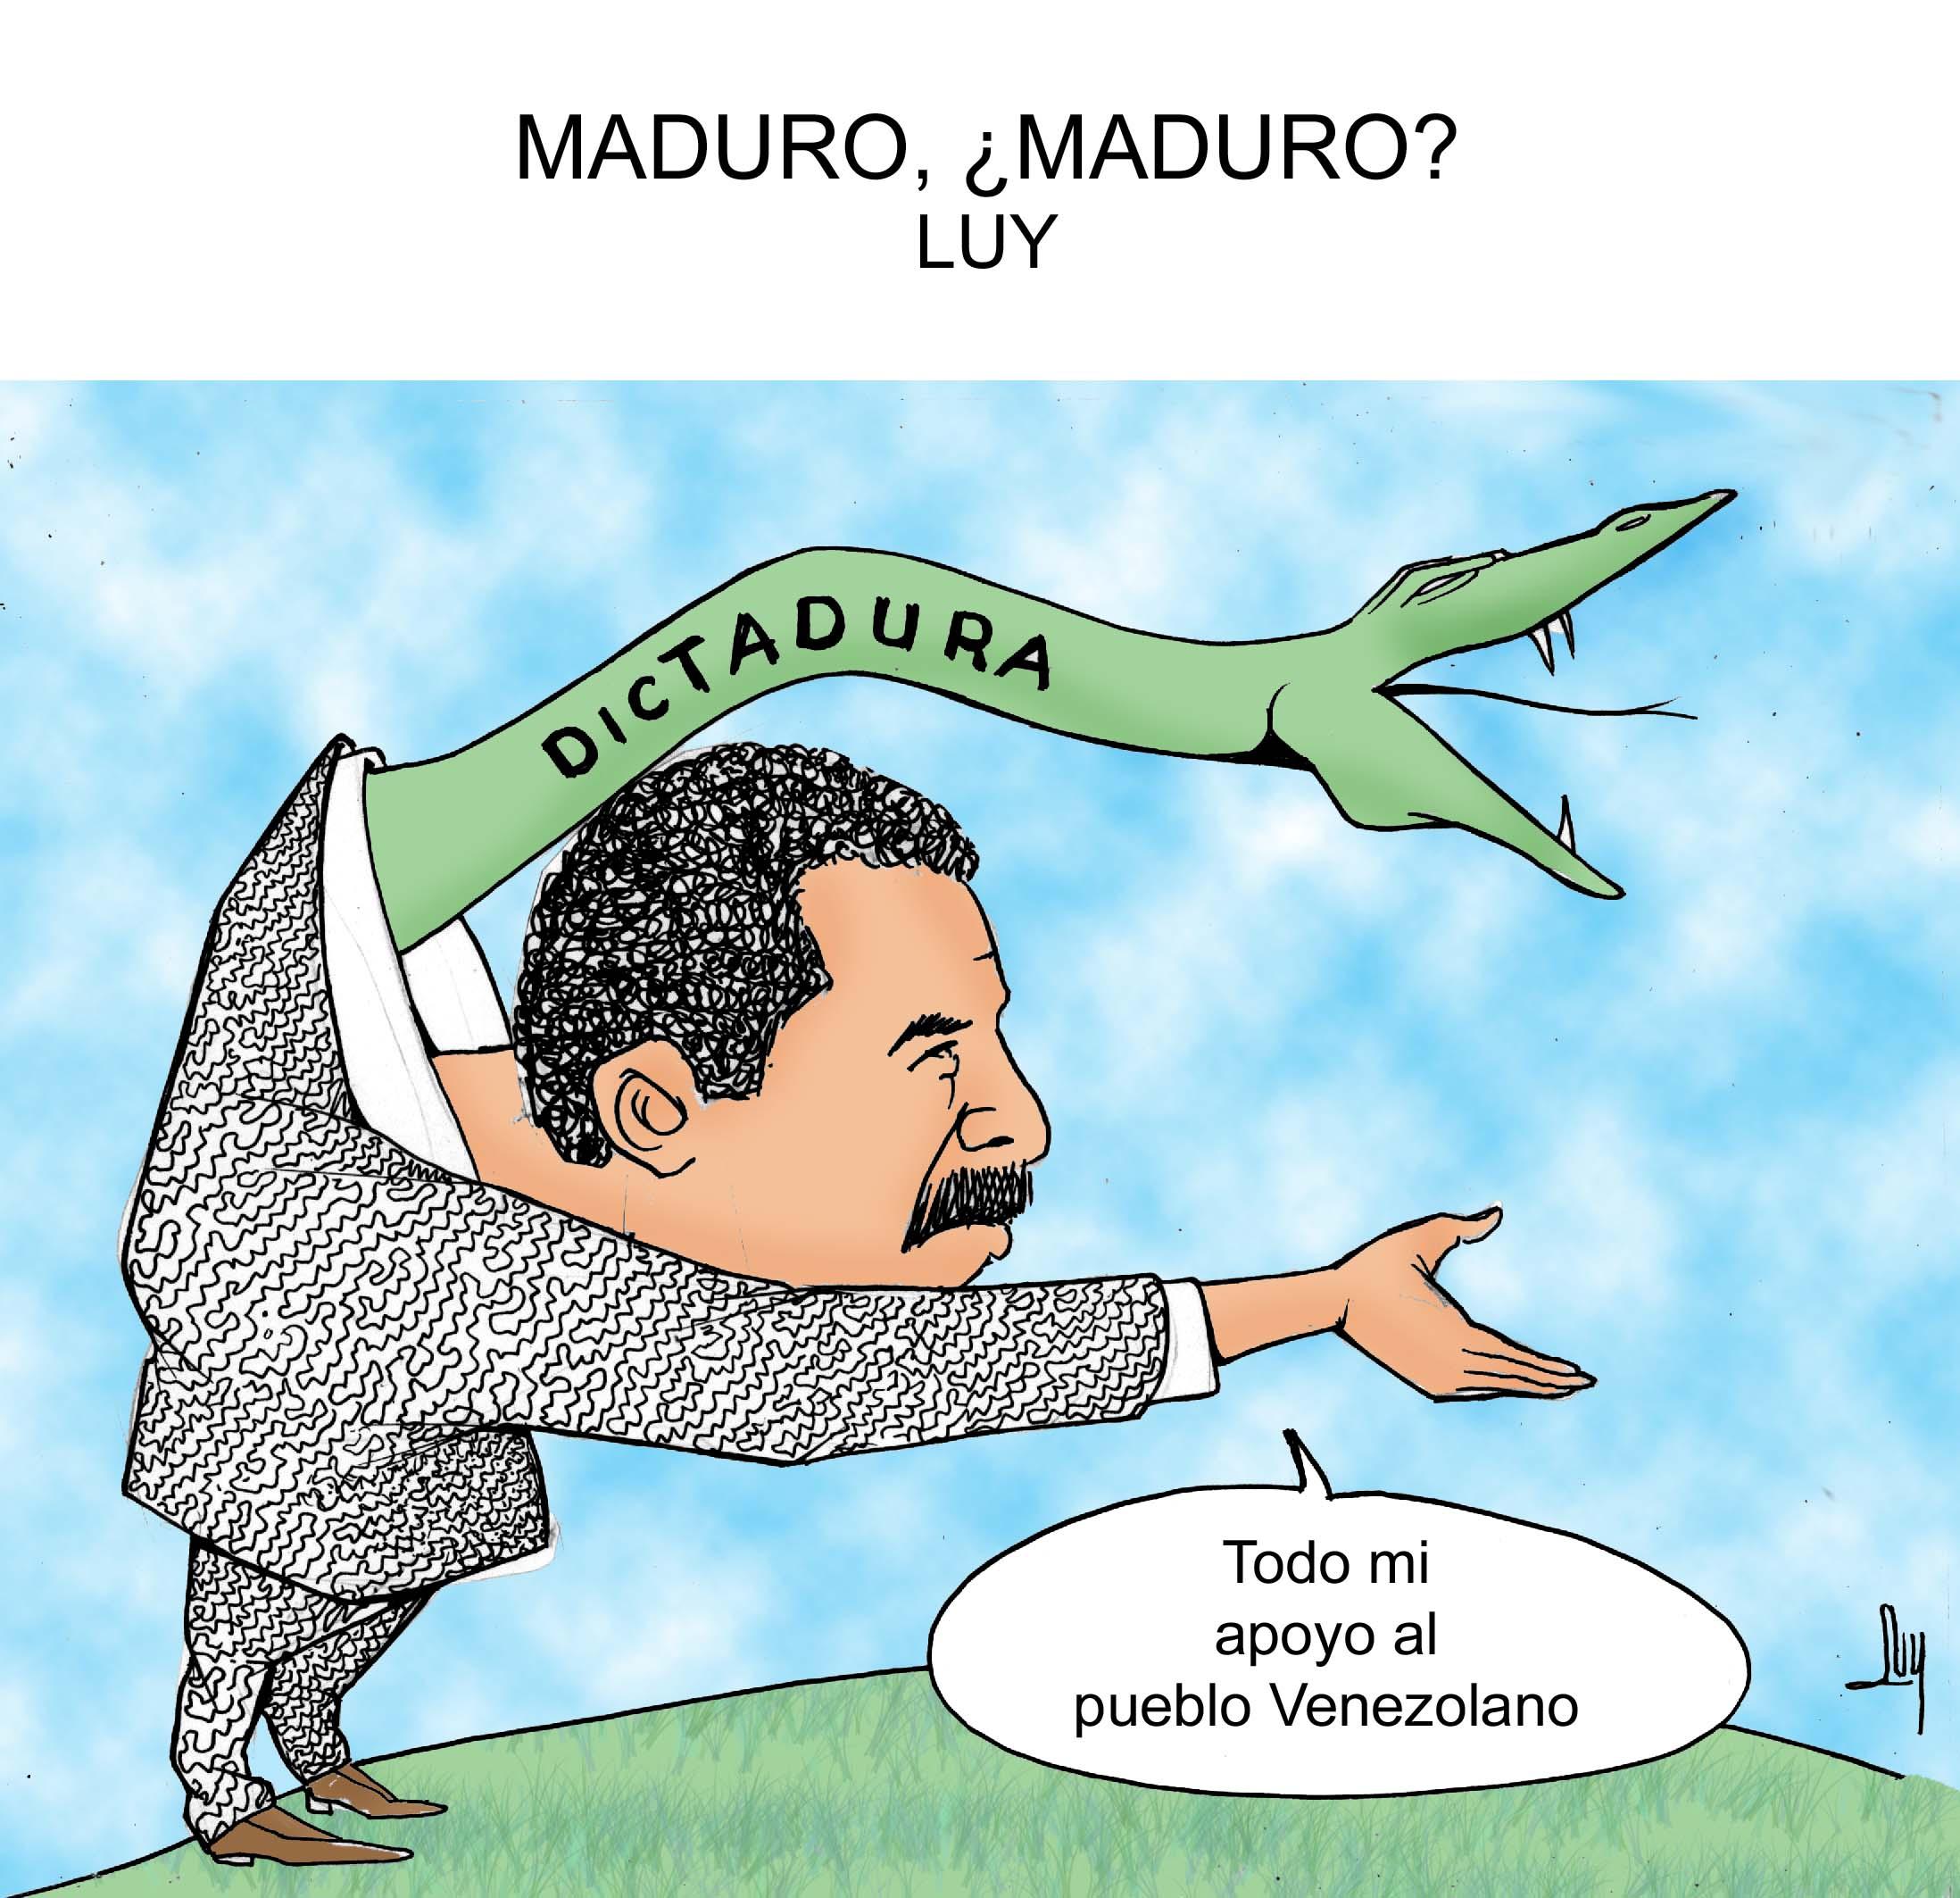 maduro-maduro